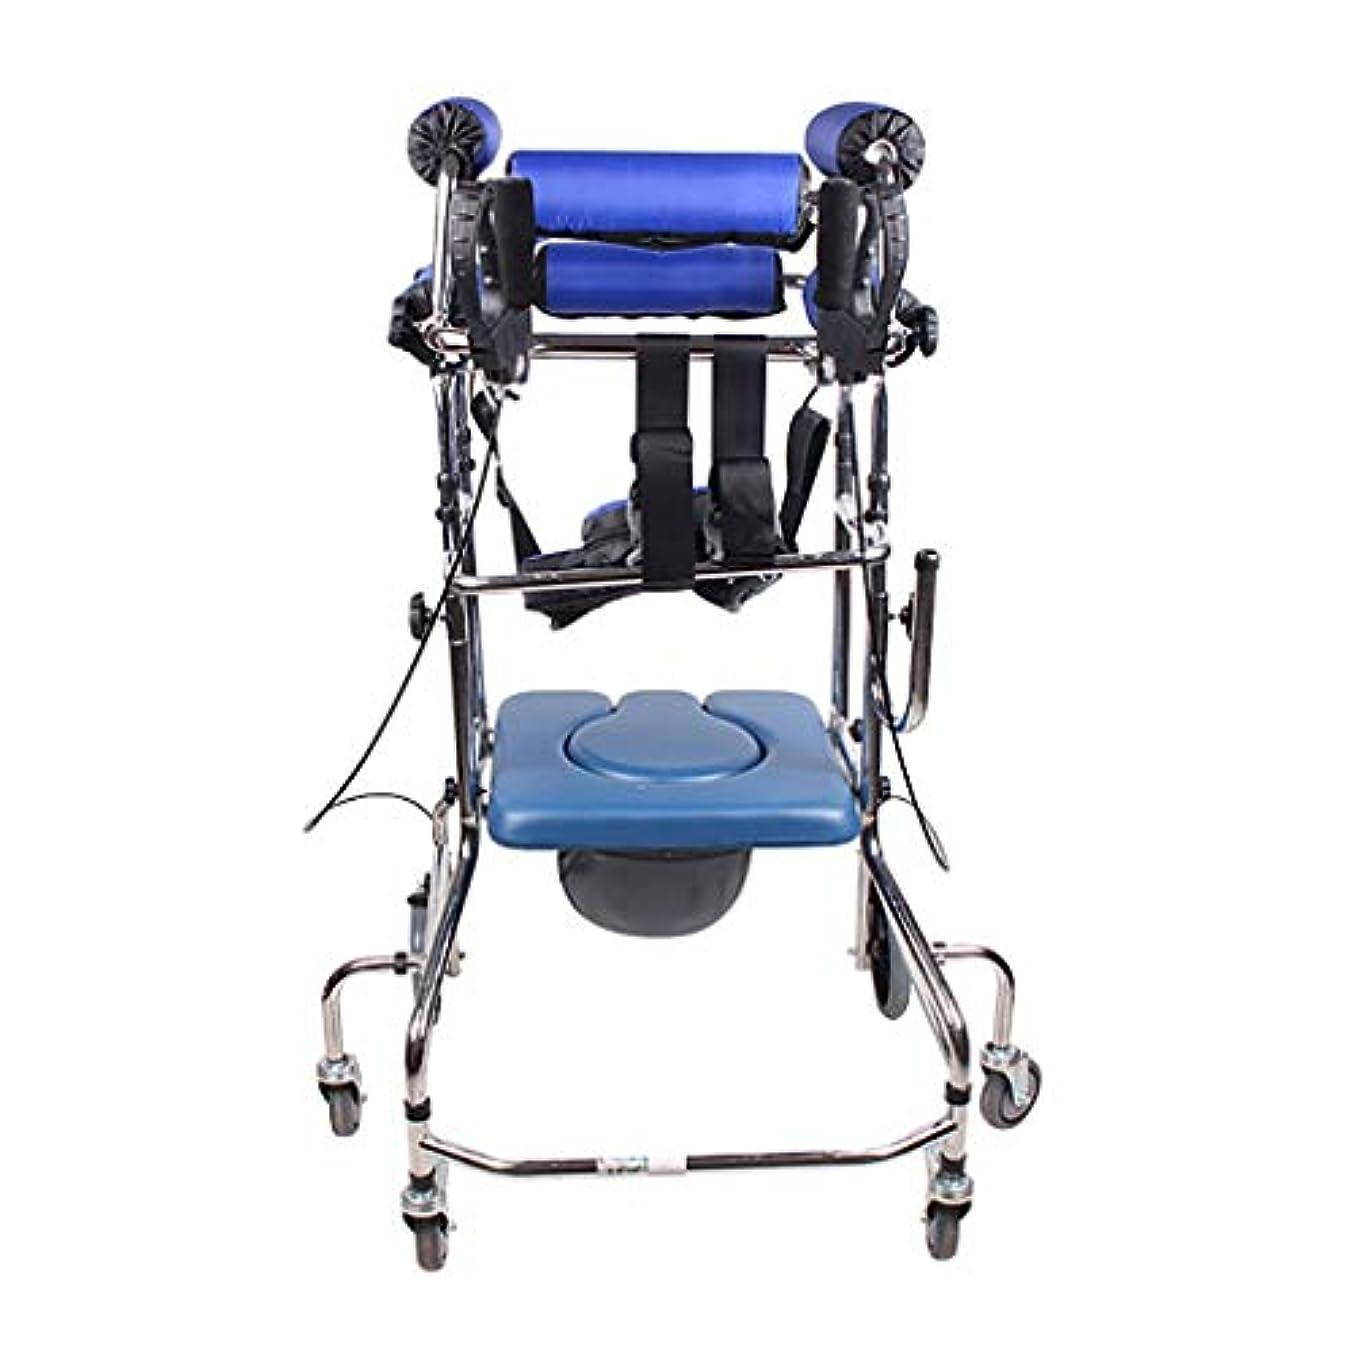 国民投票宙返り驚くべきスタンディングウォーキングラック/ウォーカー/身体障害者用手すり車椅子立ちベッド青6ラウンドハンドブレーキプラスフットブレーキトイレに追加